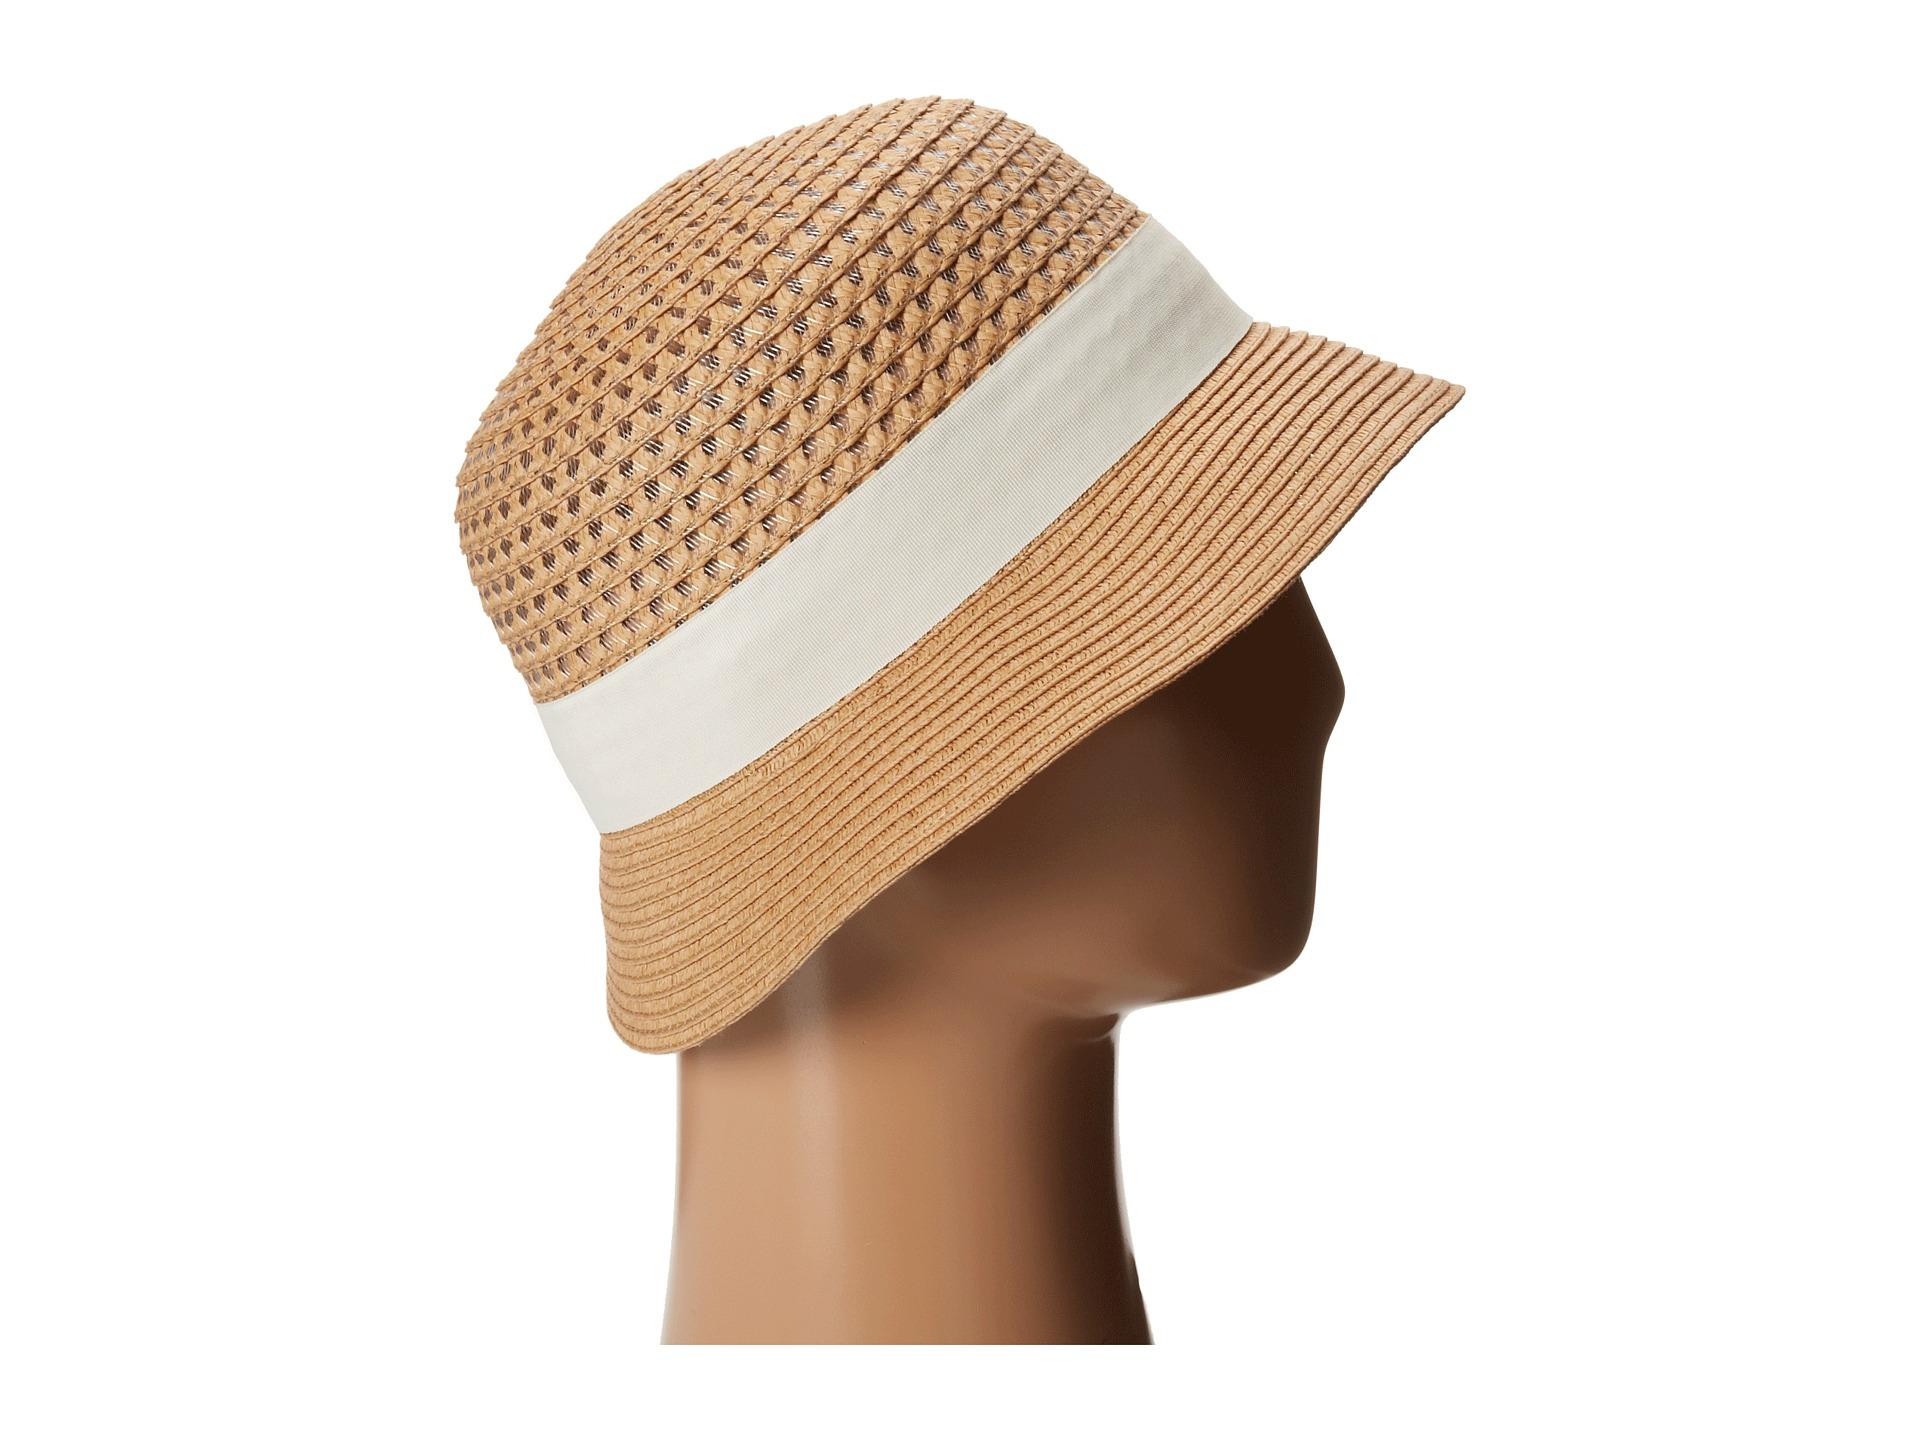 Lyst - San Diego Hat Company Pbs1020 Open Weave Bucket in Brown 5b39de93c49f